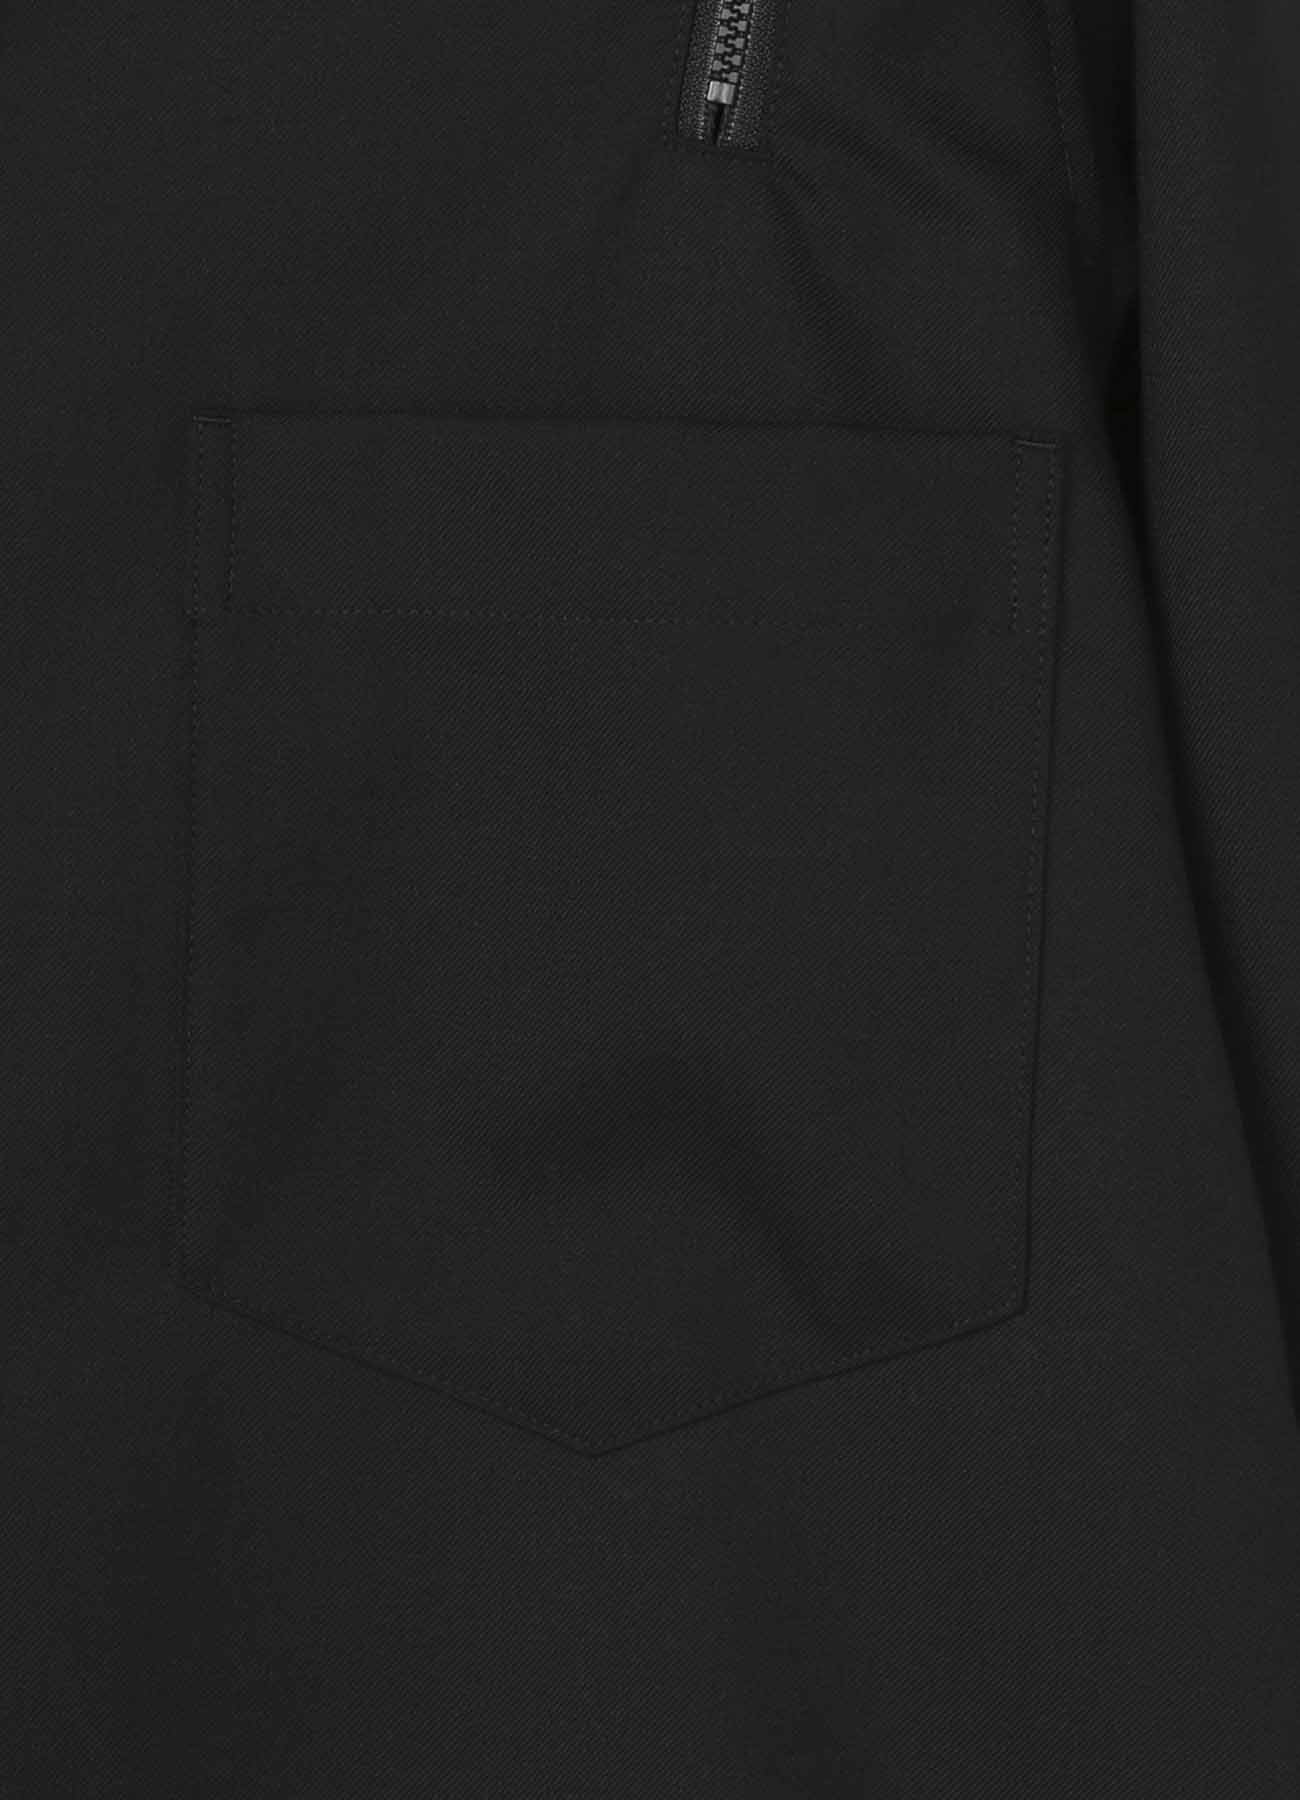 混纺双肩拉链衬衫